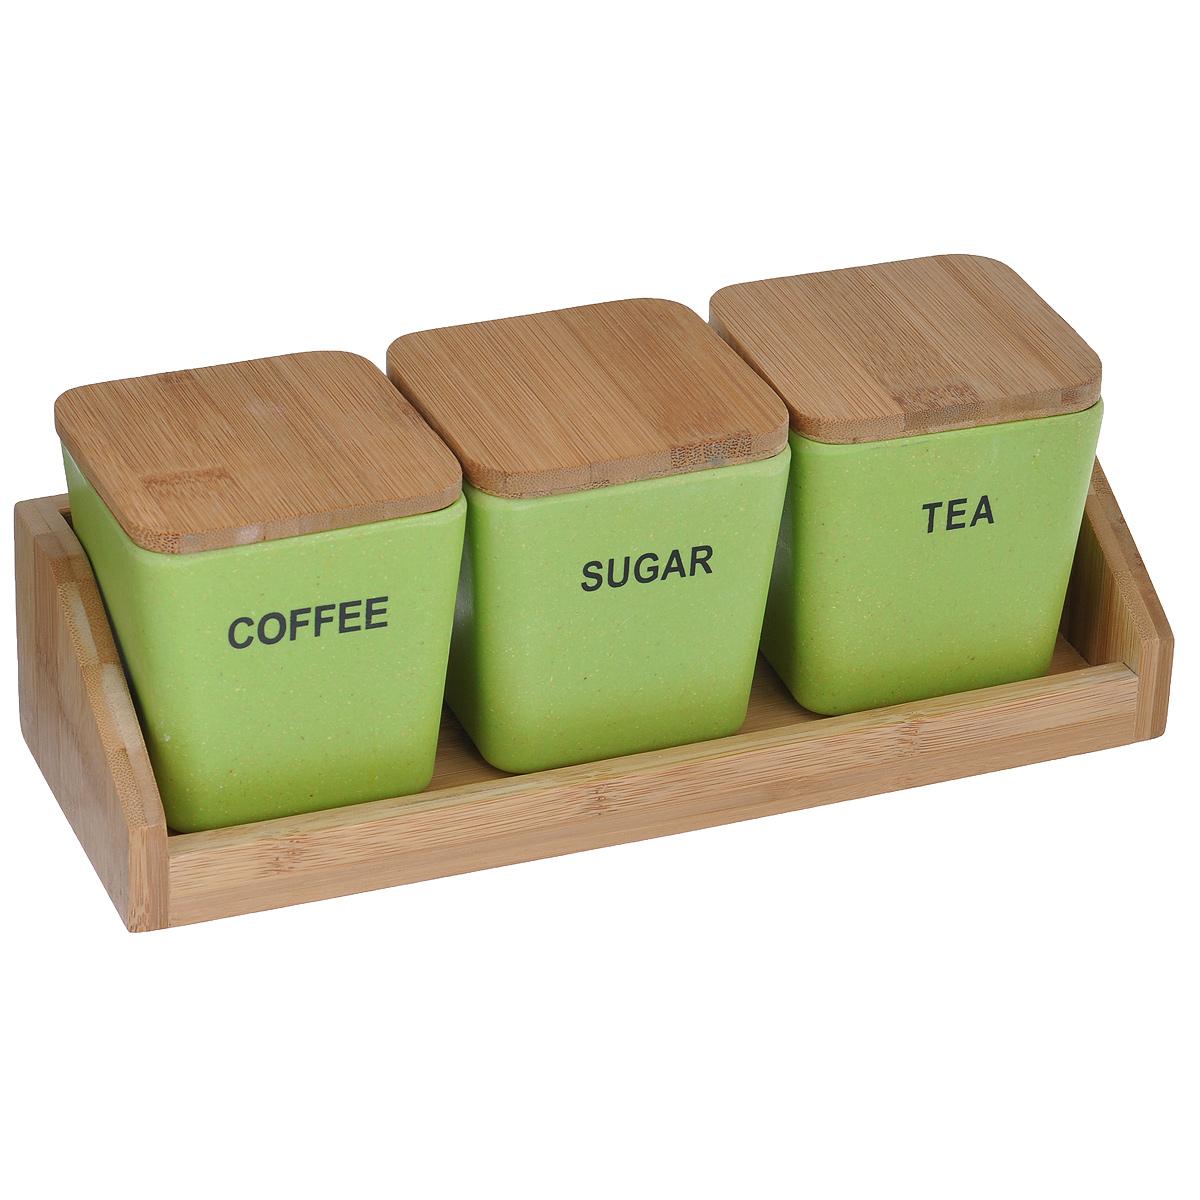 Набор емкостей для хранения сыпучих продуктов из бамбука, на подставке, 3 штBM5002BF-APНабор состоит из трех небольших емкостей, выполненных из натурального бамбука зеленого цвета. Емкости оснащены крышками и оформлены надписями Coffee, Sugar, Tea. Крышки имеют силиконовую вставку для более плотного закрывания емкостей. В комплекте имеется подставка для удобного размещения емкостей. Такой набор прекрасно подойдет для хранения чая, кофе и сахара. Оригинальный современный дизайн и функциональность сделают этот набор достойным дополнением к вашему кухонному инвентарю. Размер емкости: 7,5 х 7,5 х 9 см.